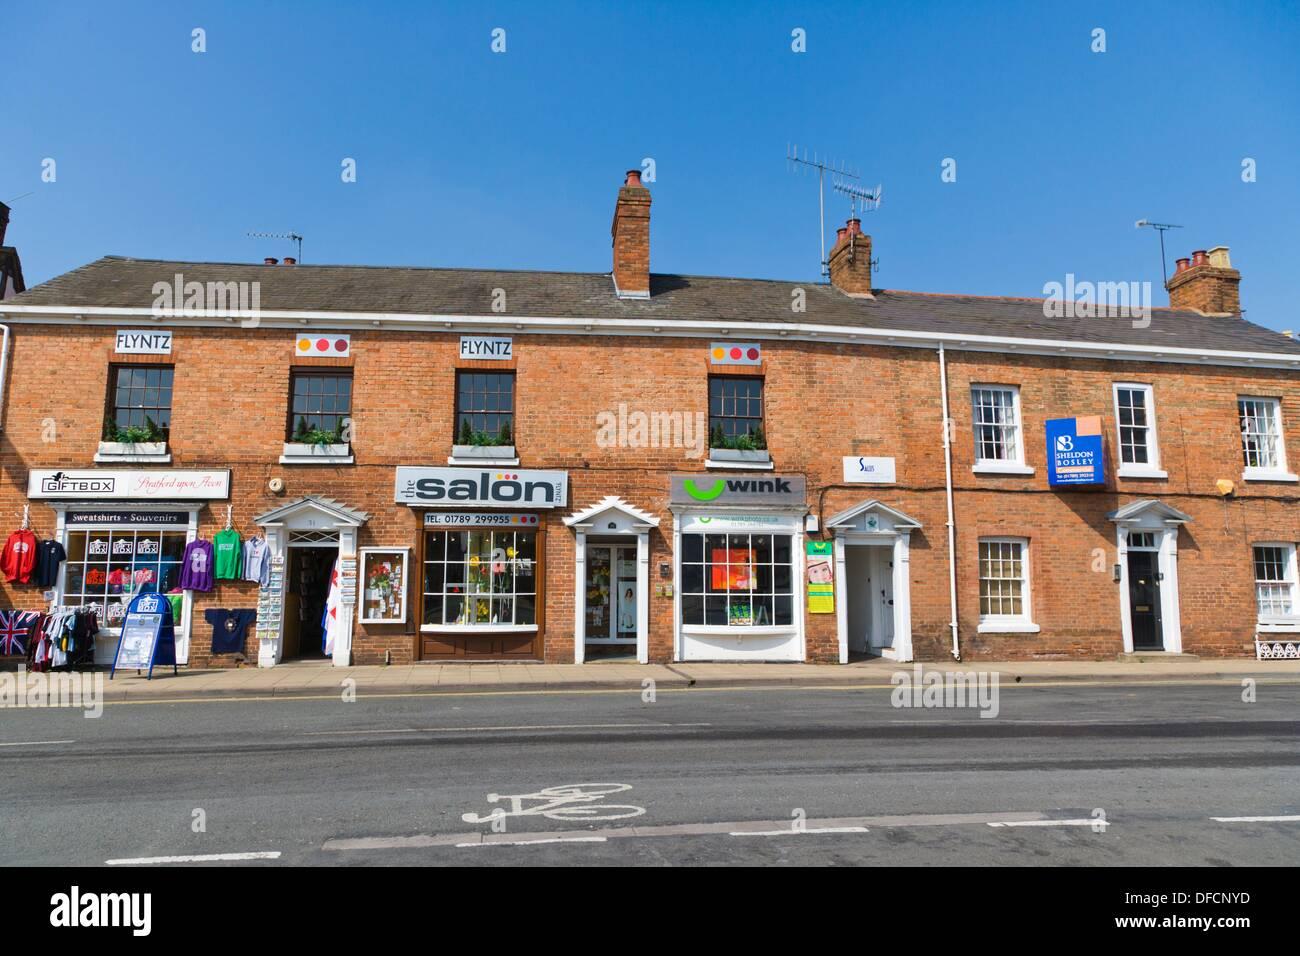 Windsor Street Stratford Upon Avon Warwickshire England UK